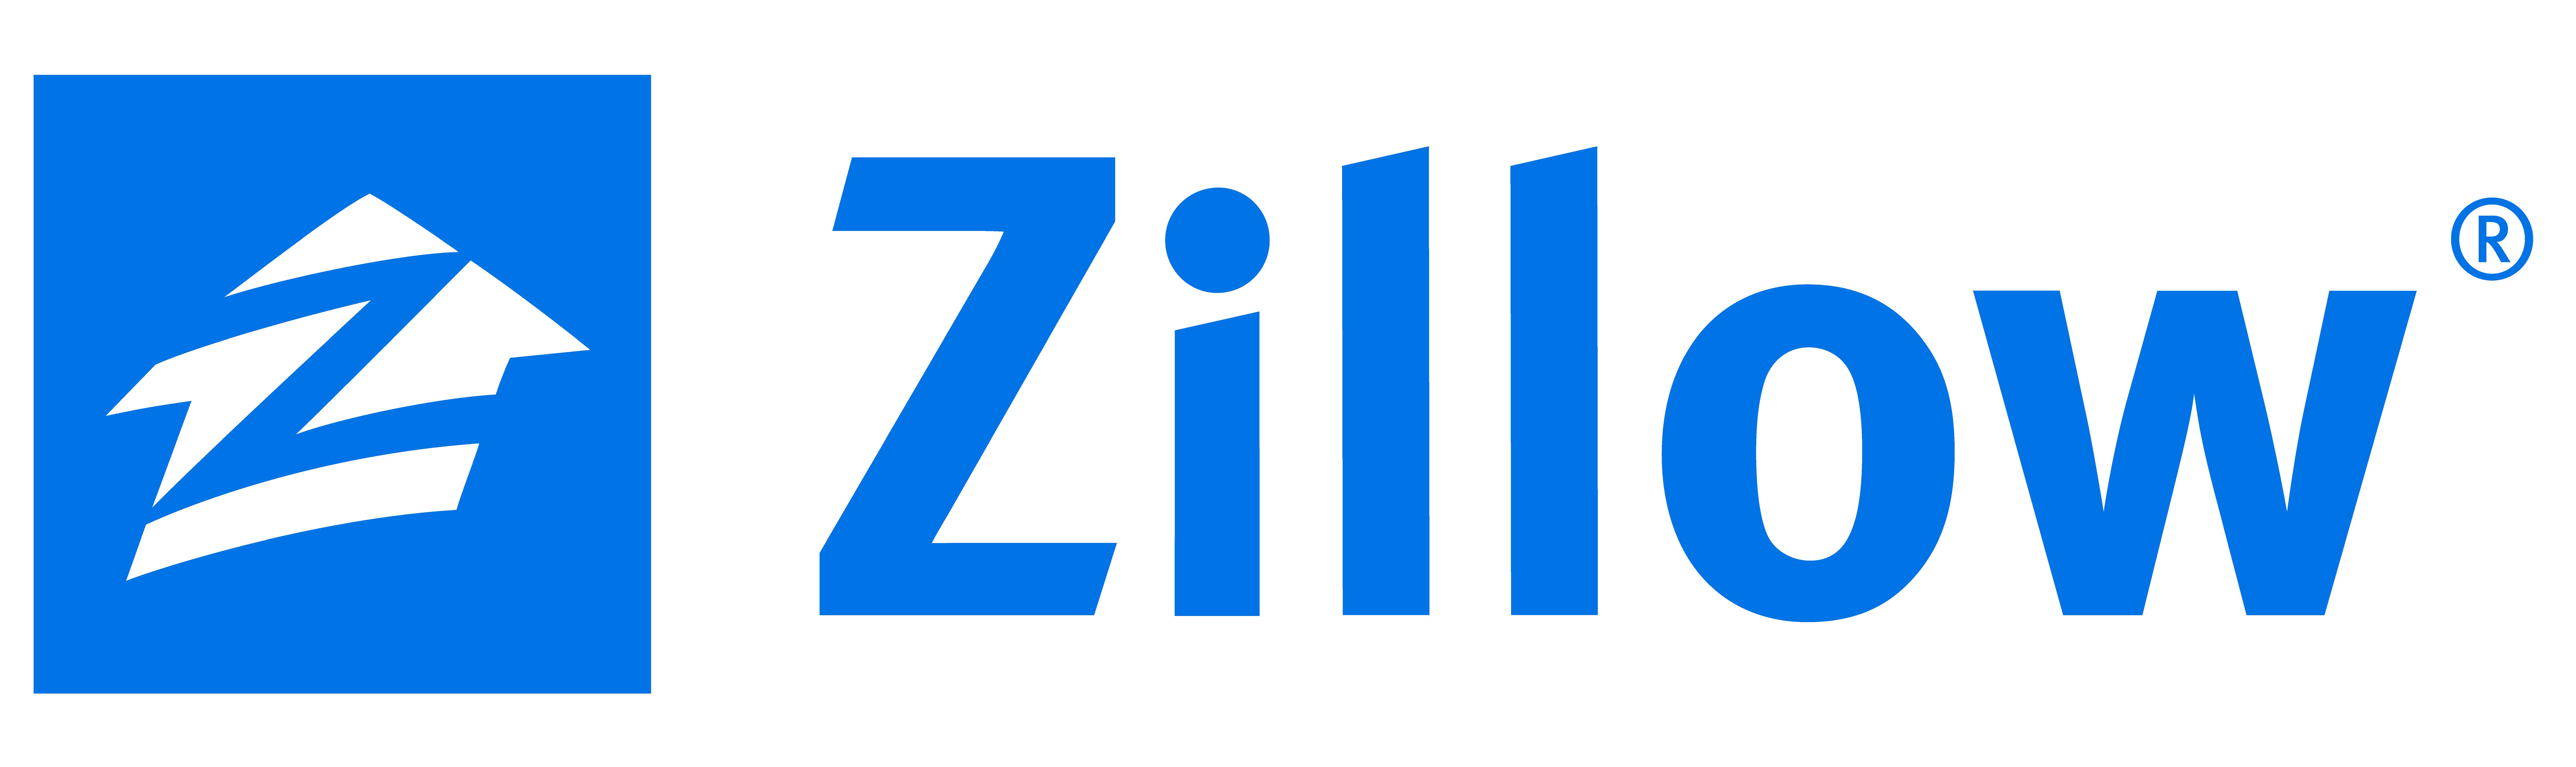 Cvpr2017 for Call zillow